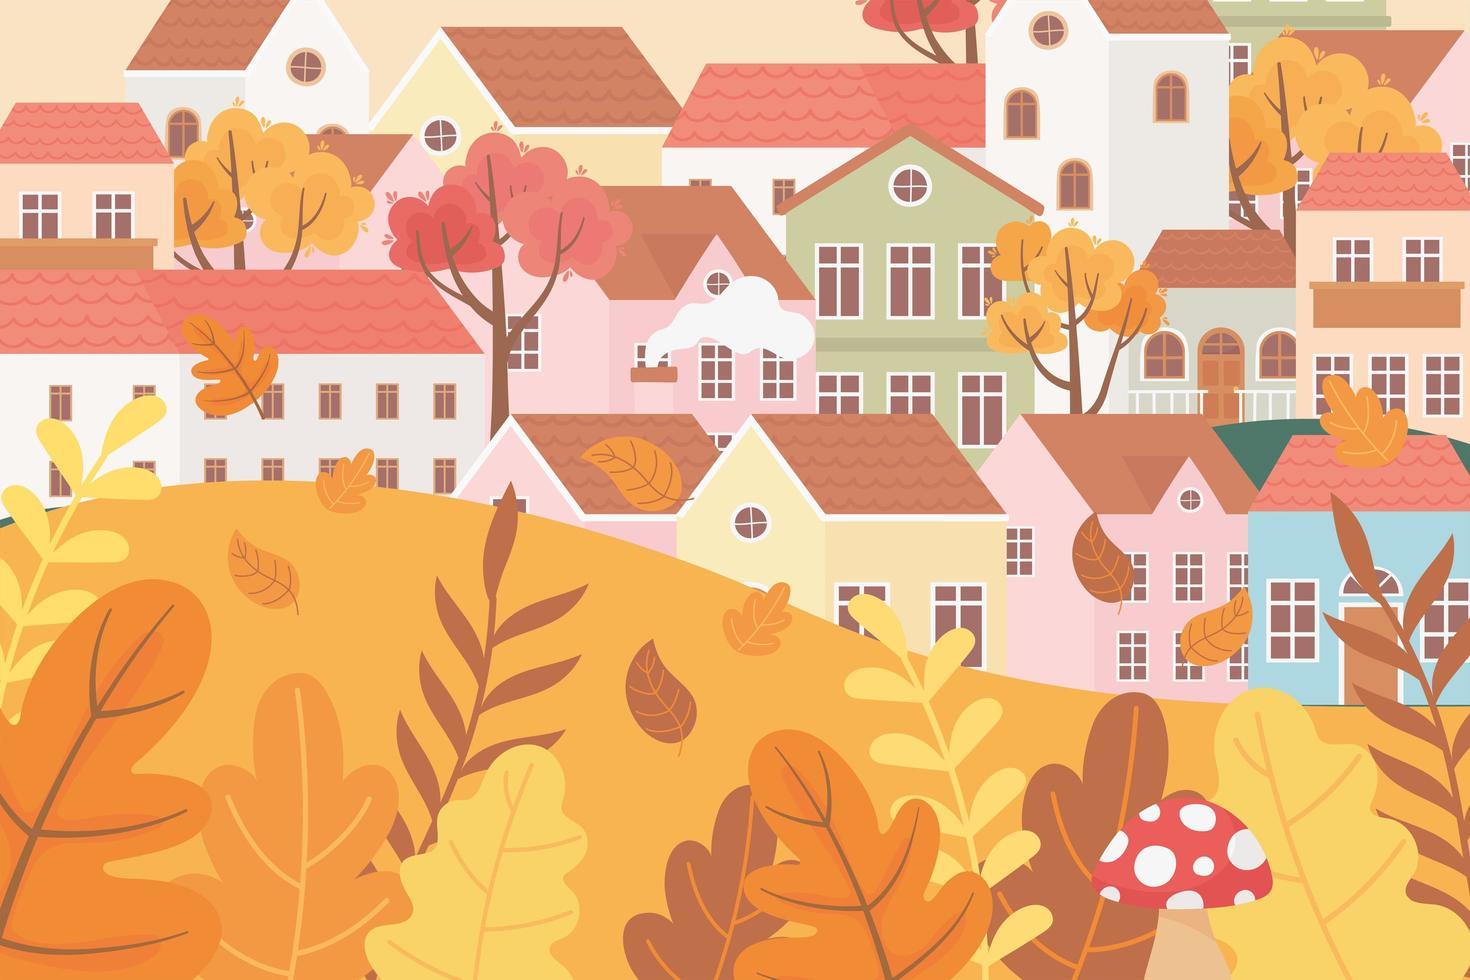 Landschaft im Herbst. Dorfhäuser, Pilze und Blätter vektor